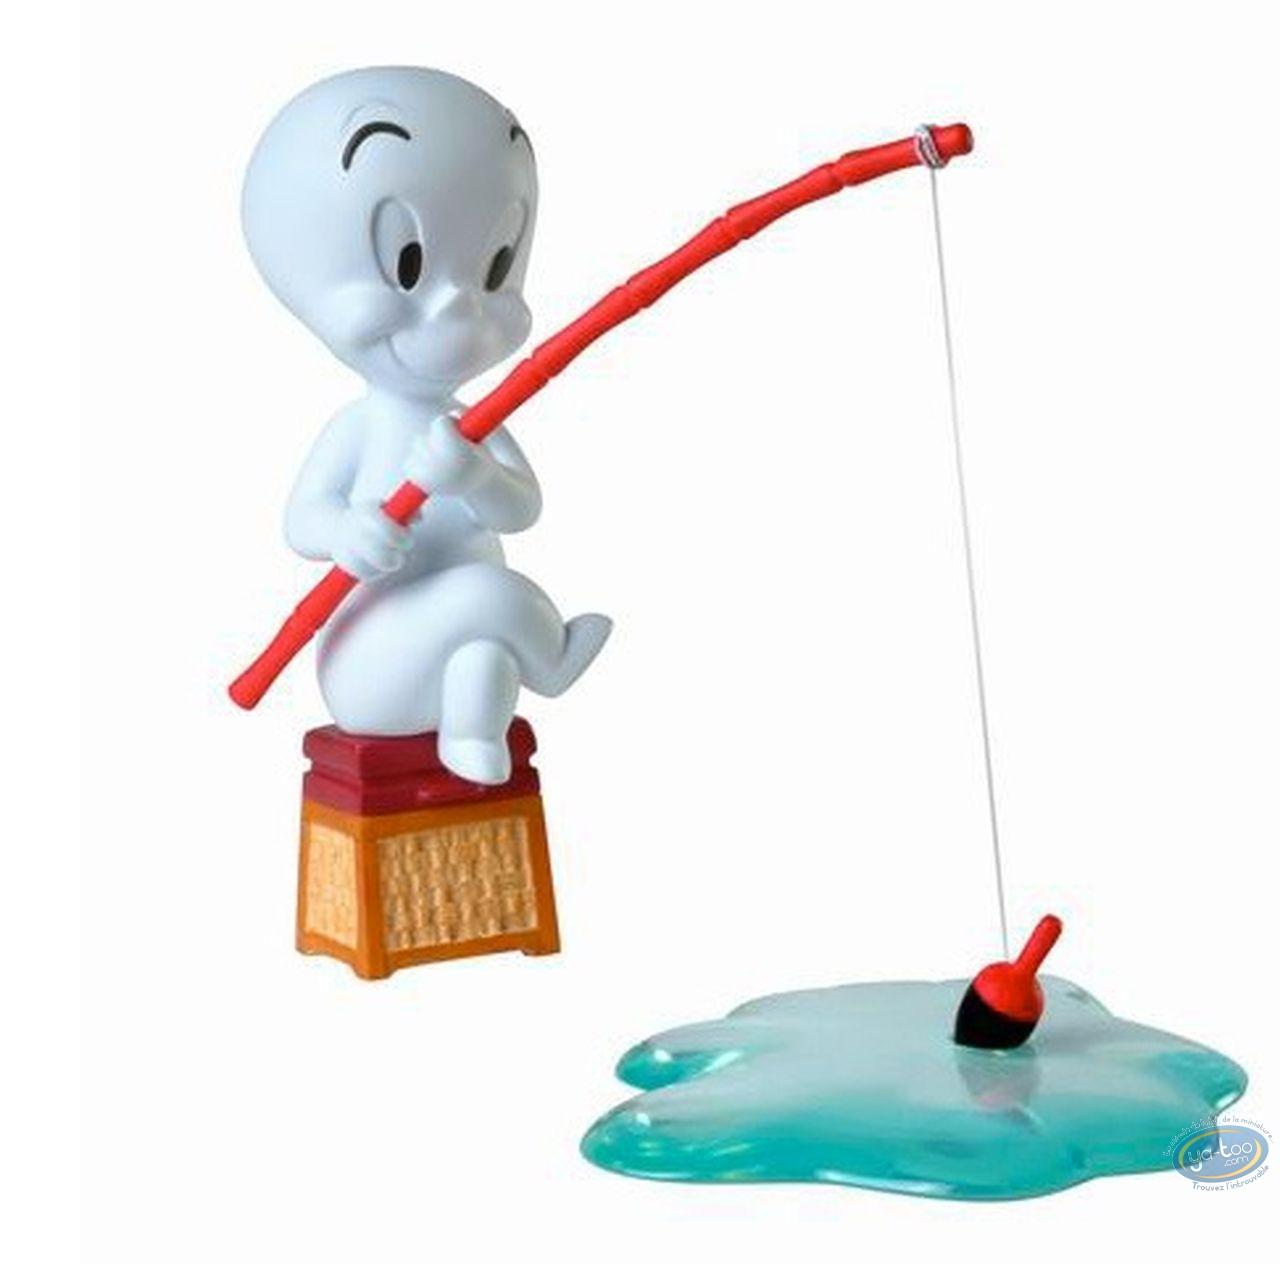 Resin Statuette, Casper : Casper fishing